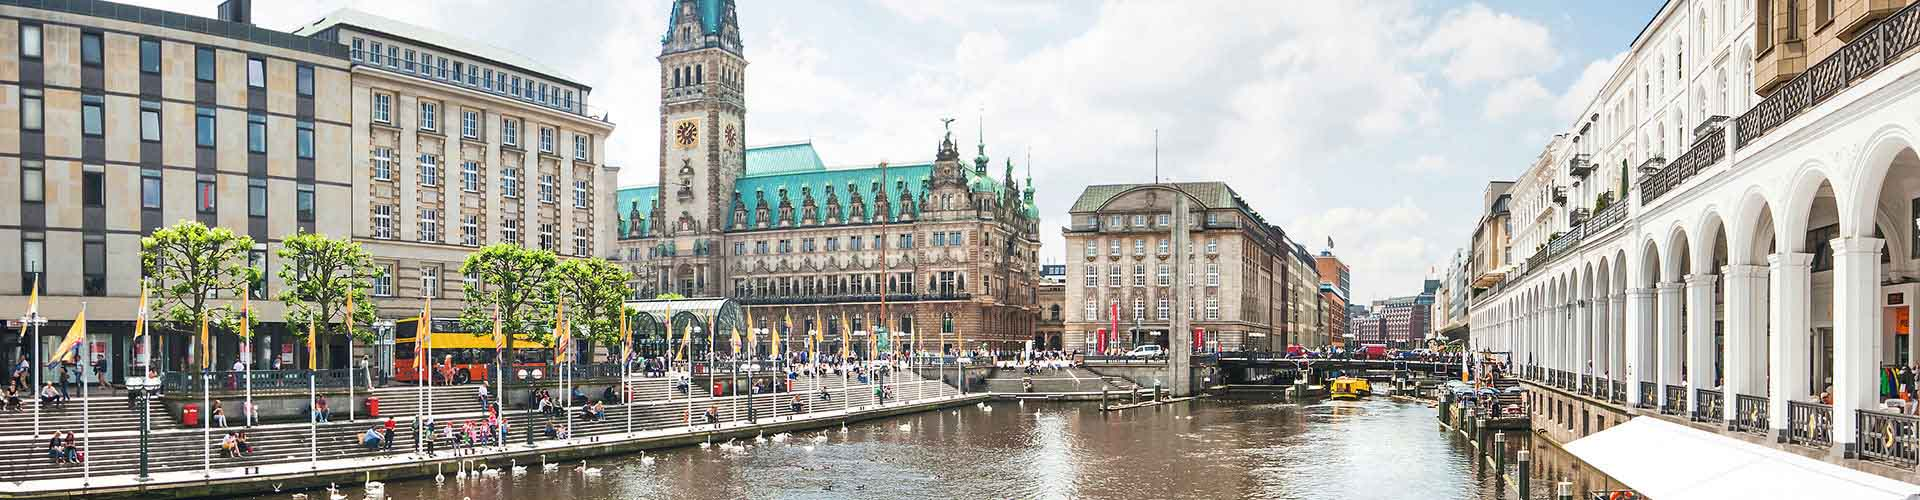 汉堡 – Hamburg-Mitte区的公寓。汉堡地图,汉堡每间公寓的照片和评价。